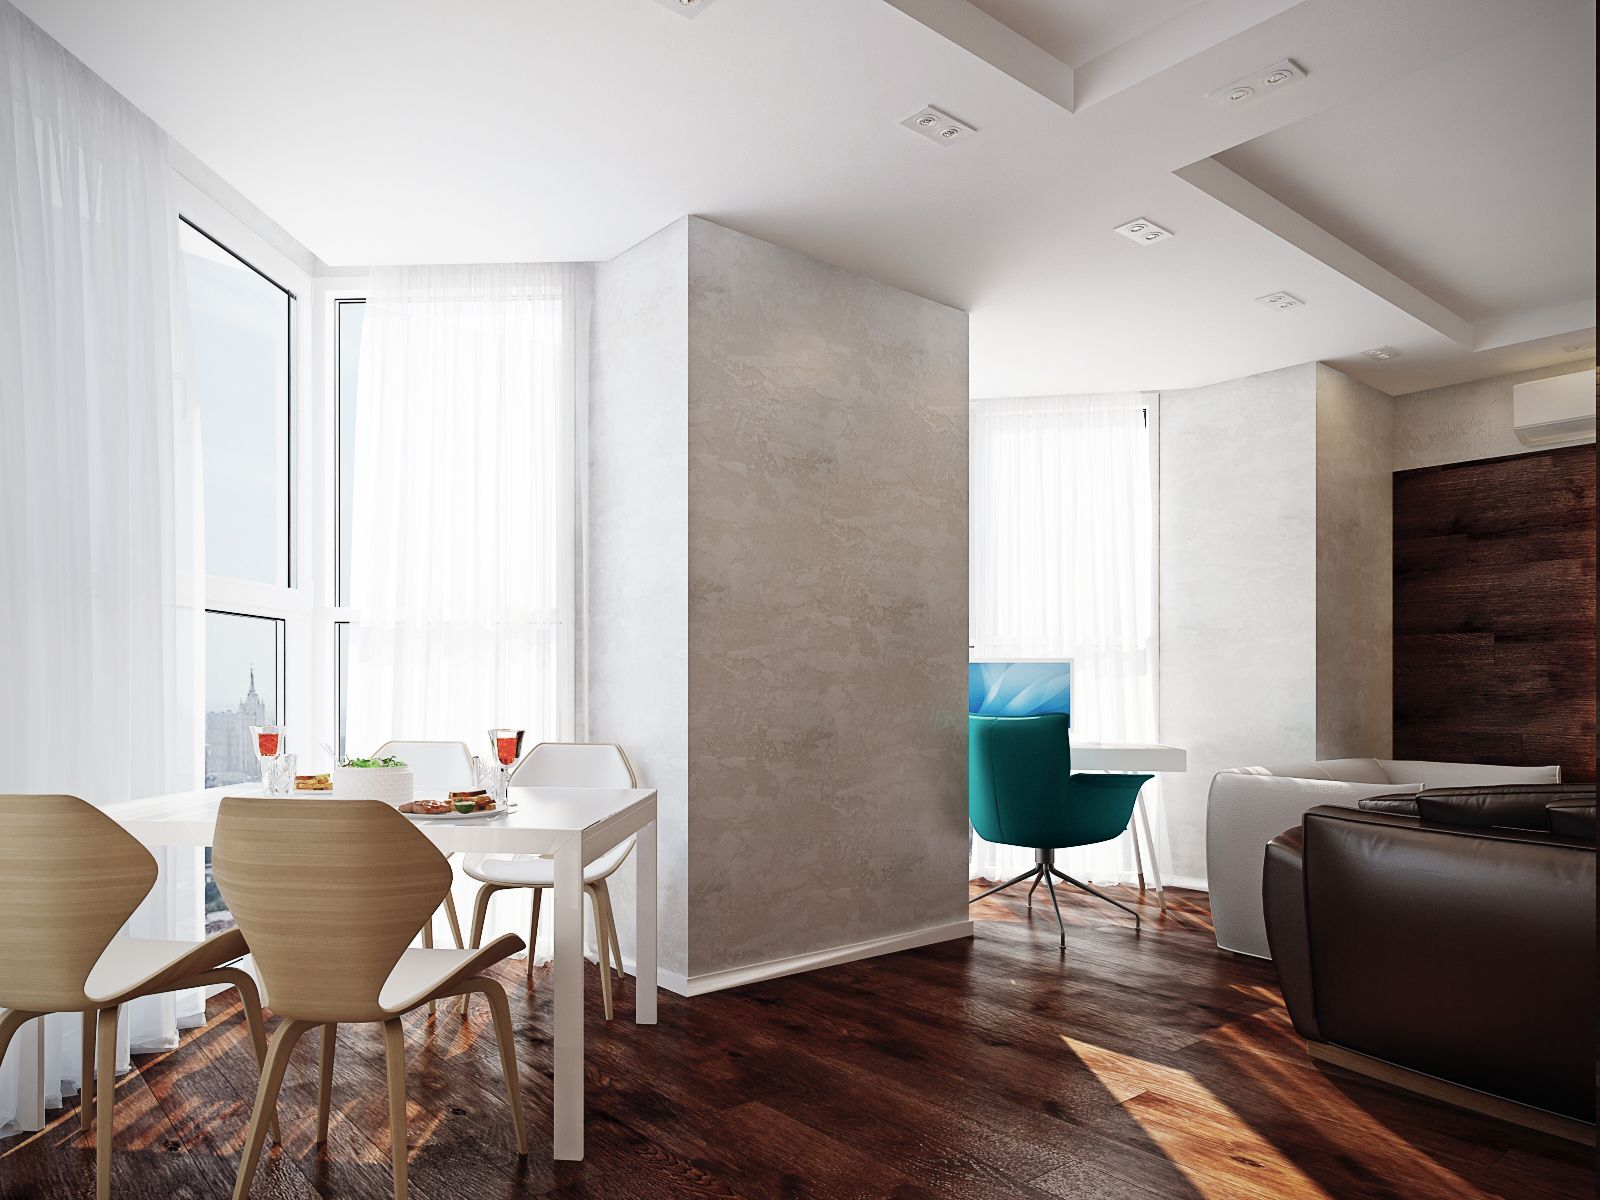 Фото Дизайн интерьера жилих и комерческих помещений 4